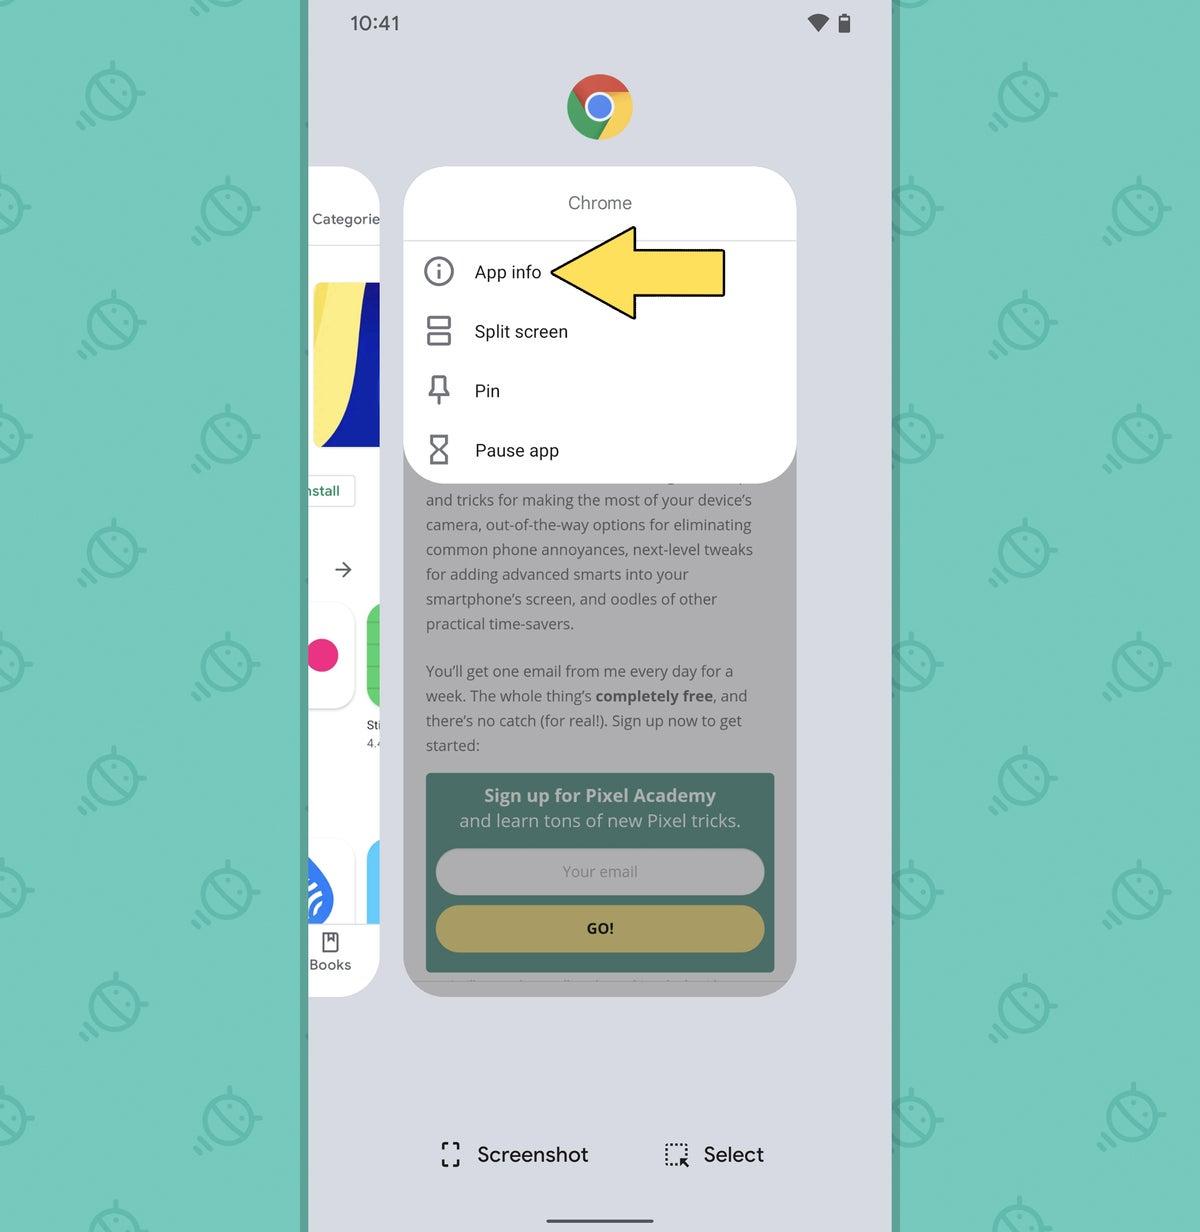 Funciones de Pixel: información general de la aplicación